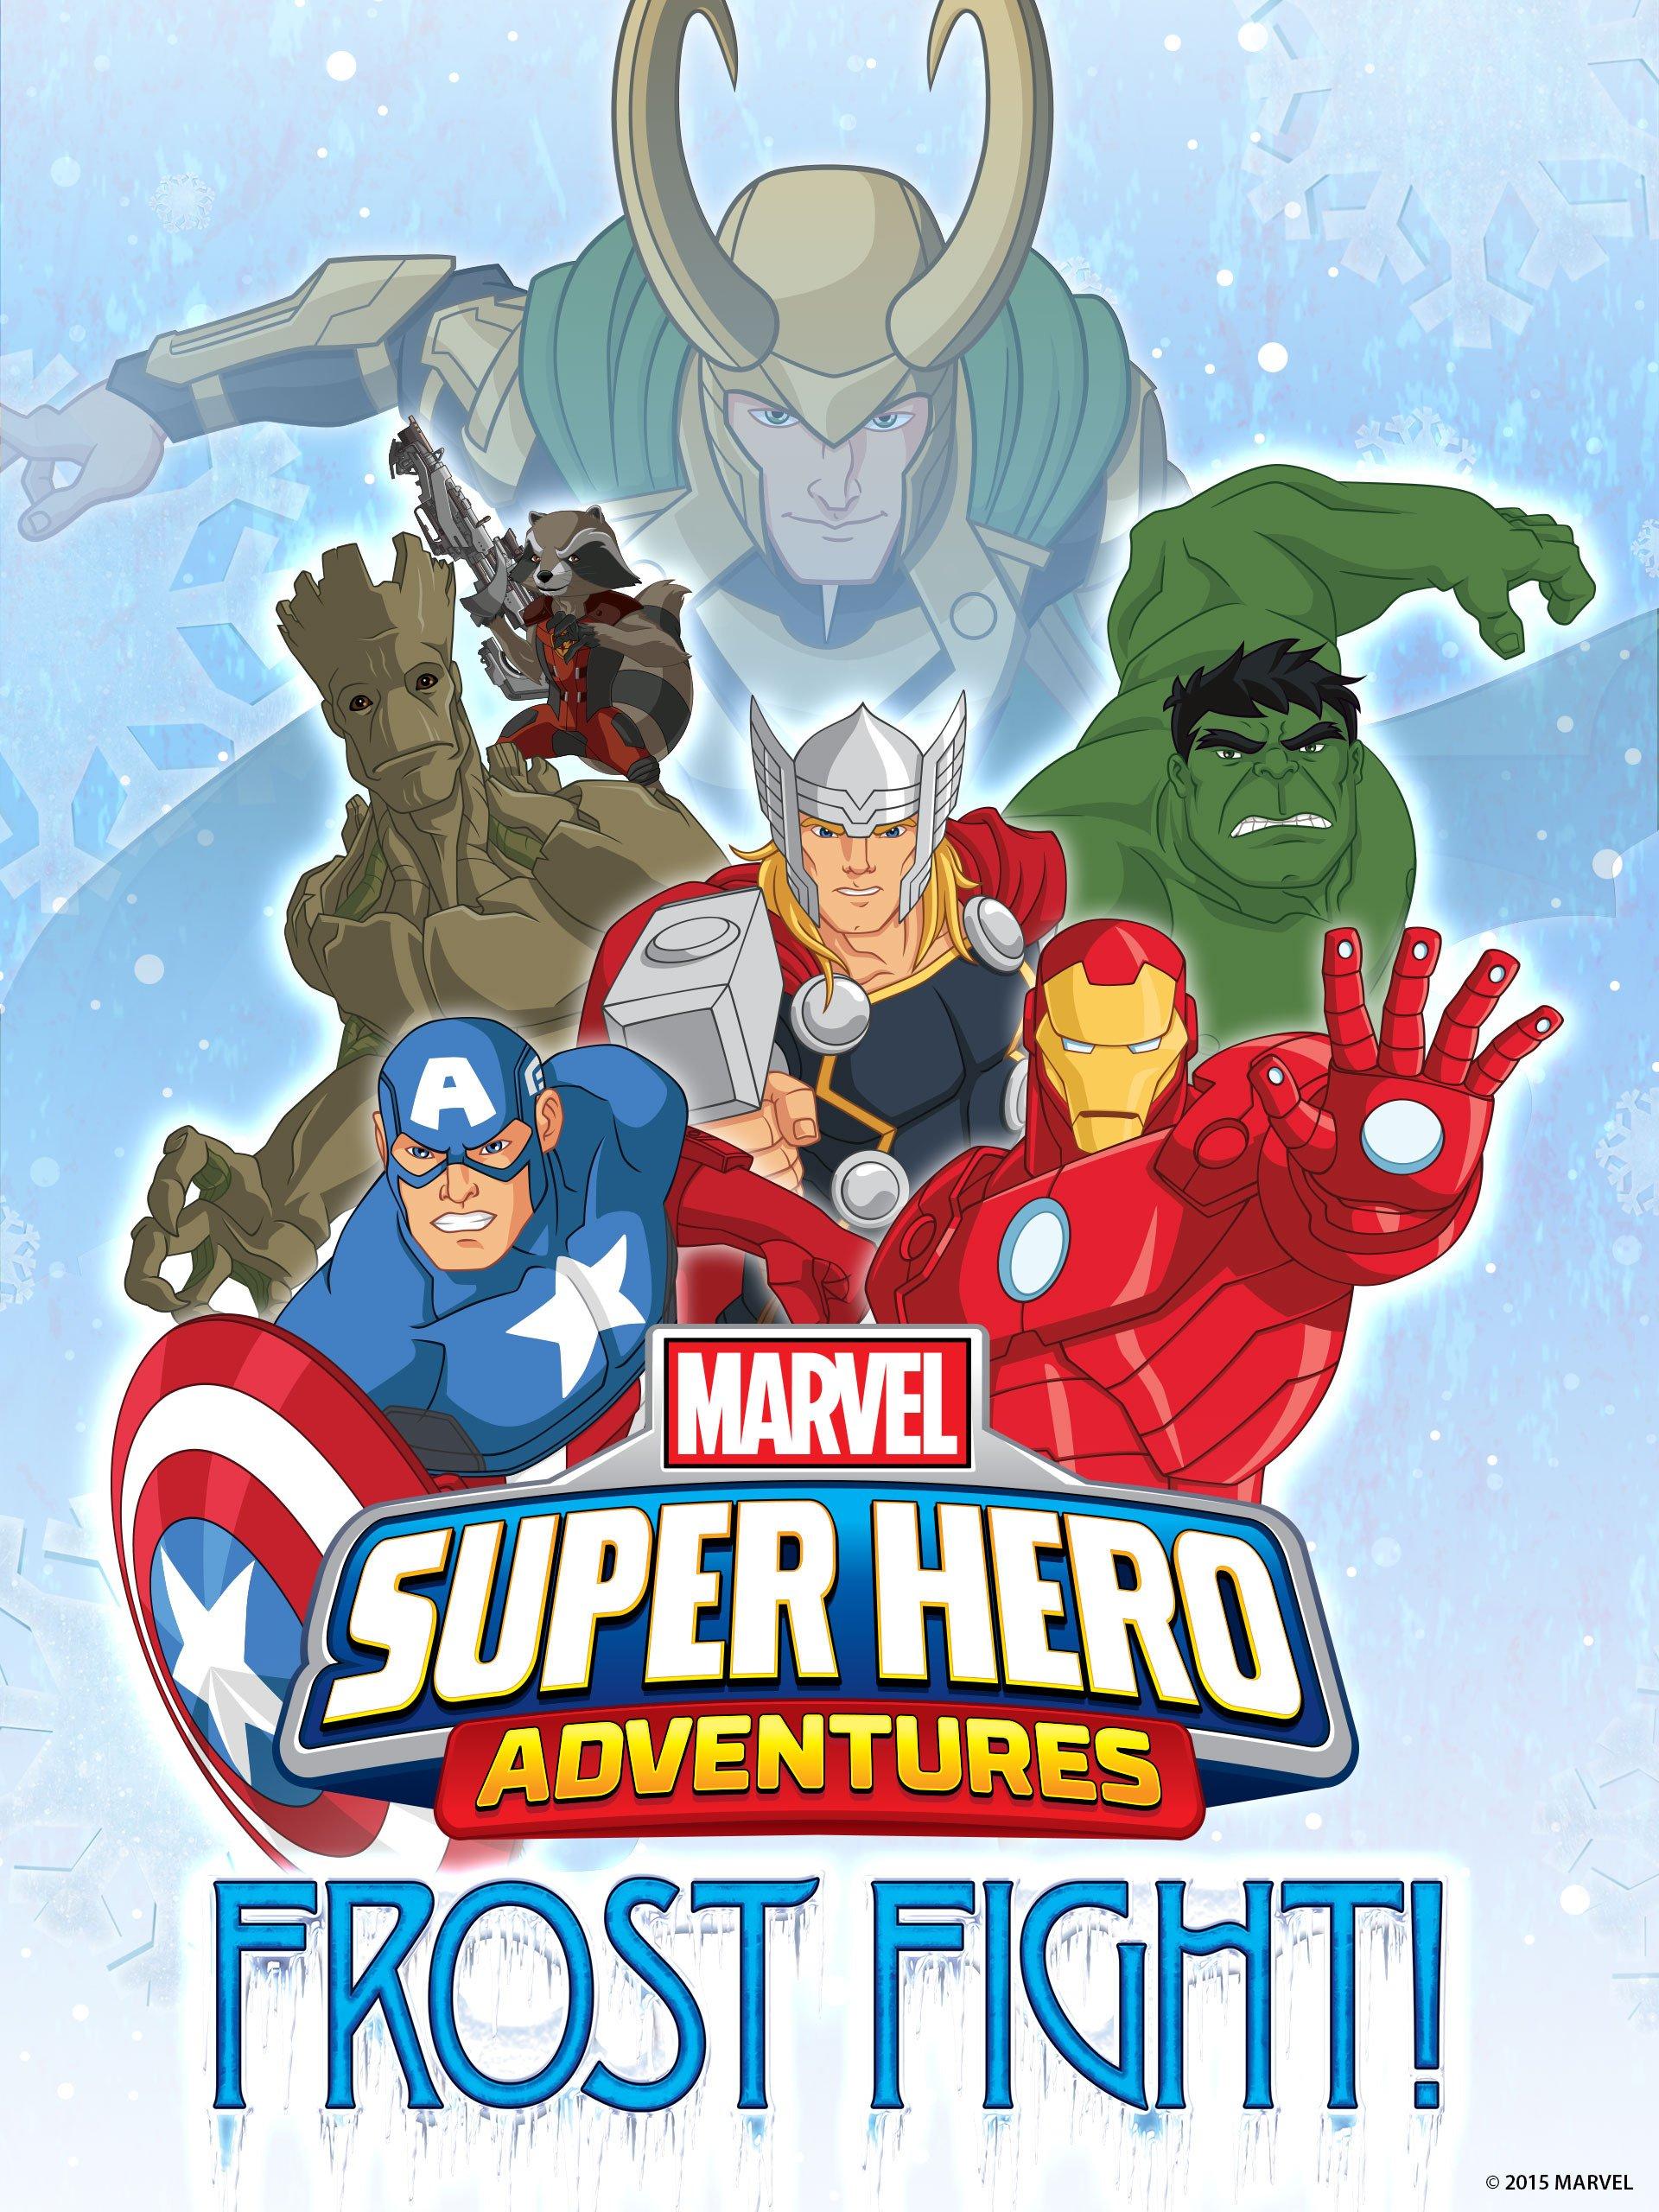 Las aventuras de los superhéroes de Marvel: ¡Combate sobre hielo!